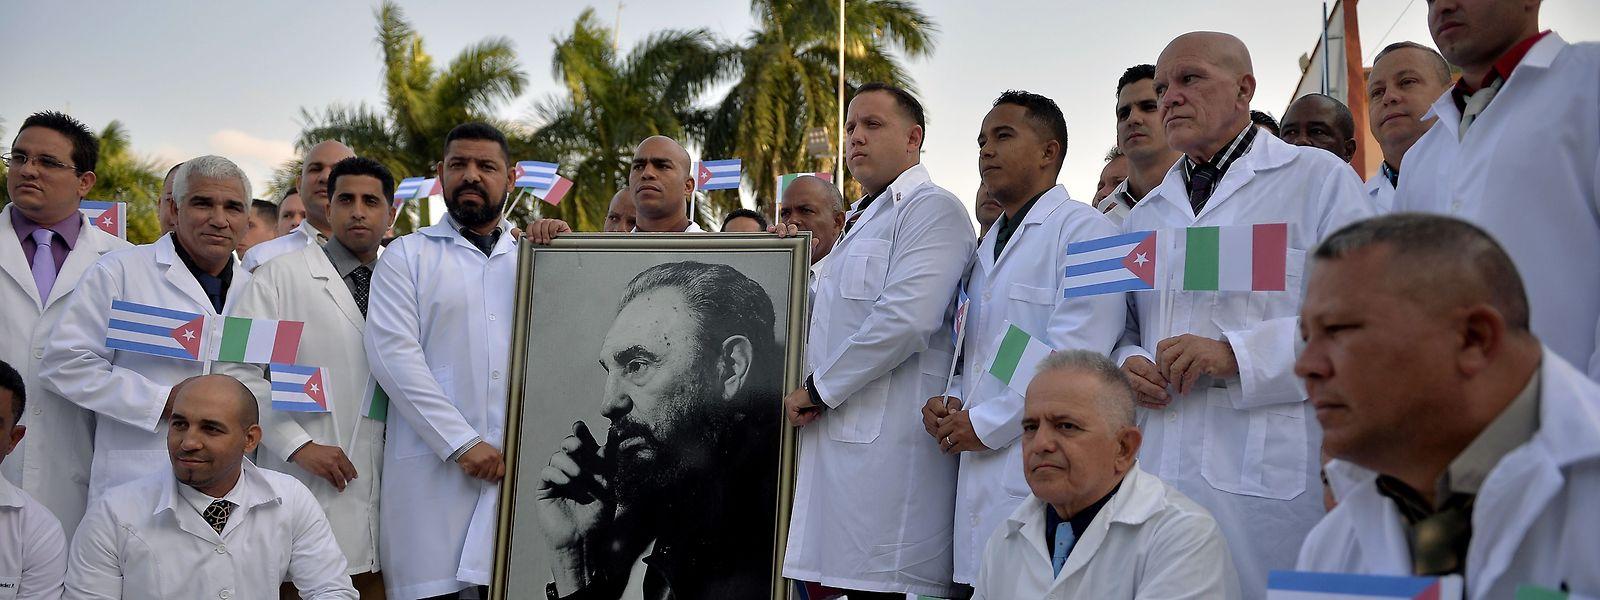 Kubanische Ärzte, die in Italien im Einsatz gegen die Corona-Epidemie sind, posieren für ein Foto. In Mailand wurde die Medizin-Brigade wie Helden empfangen.